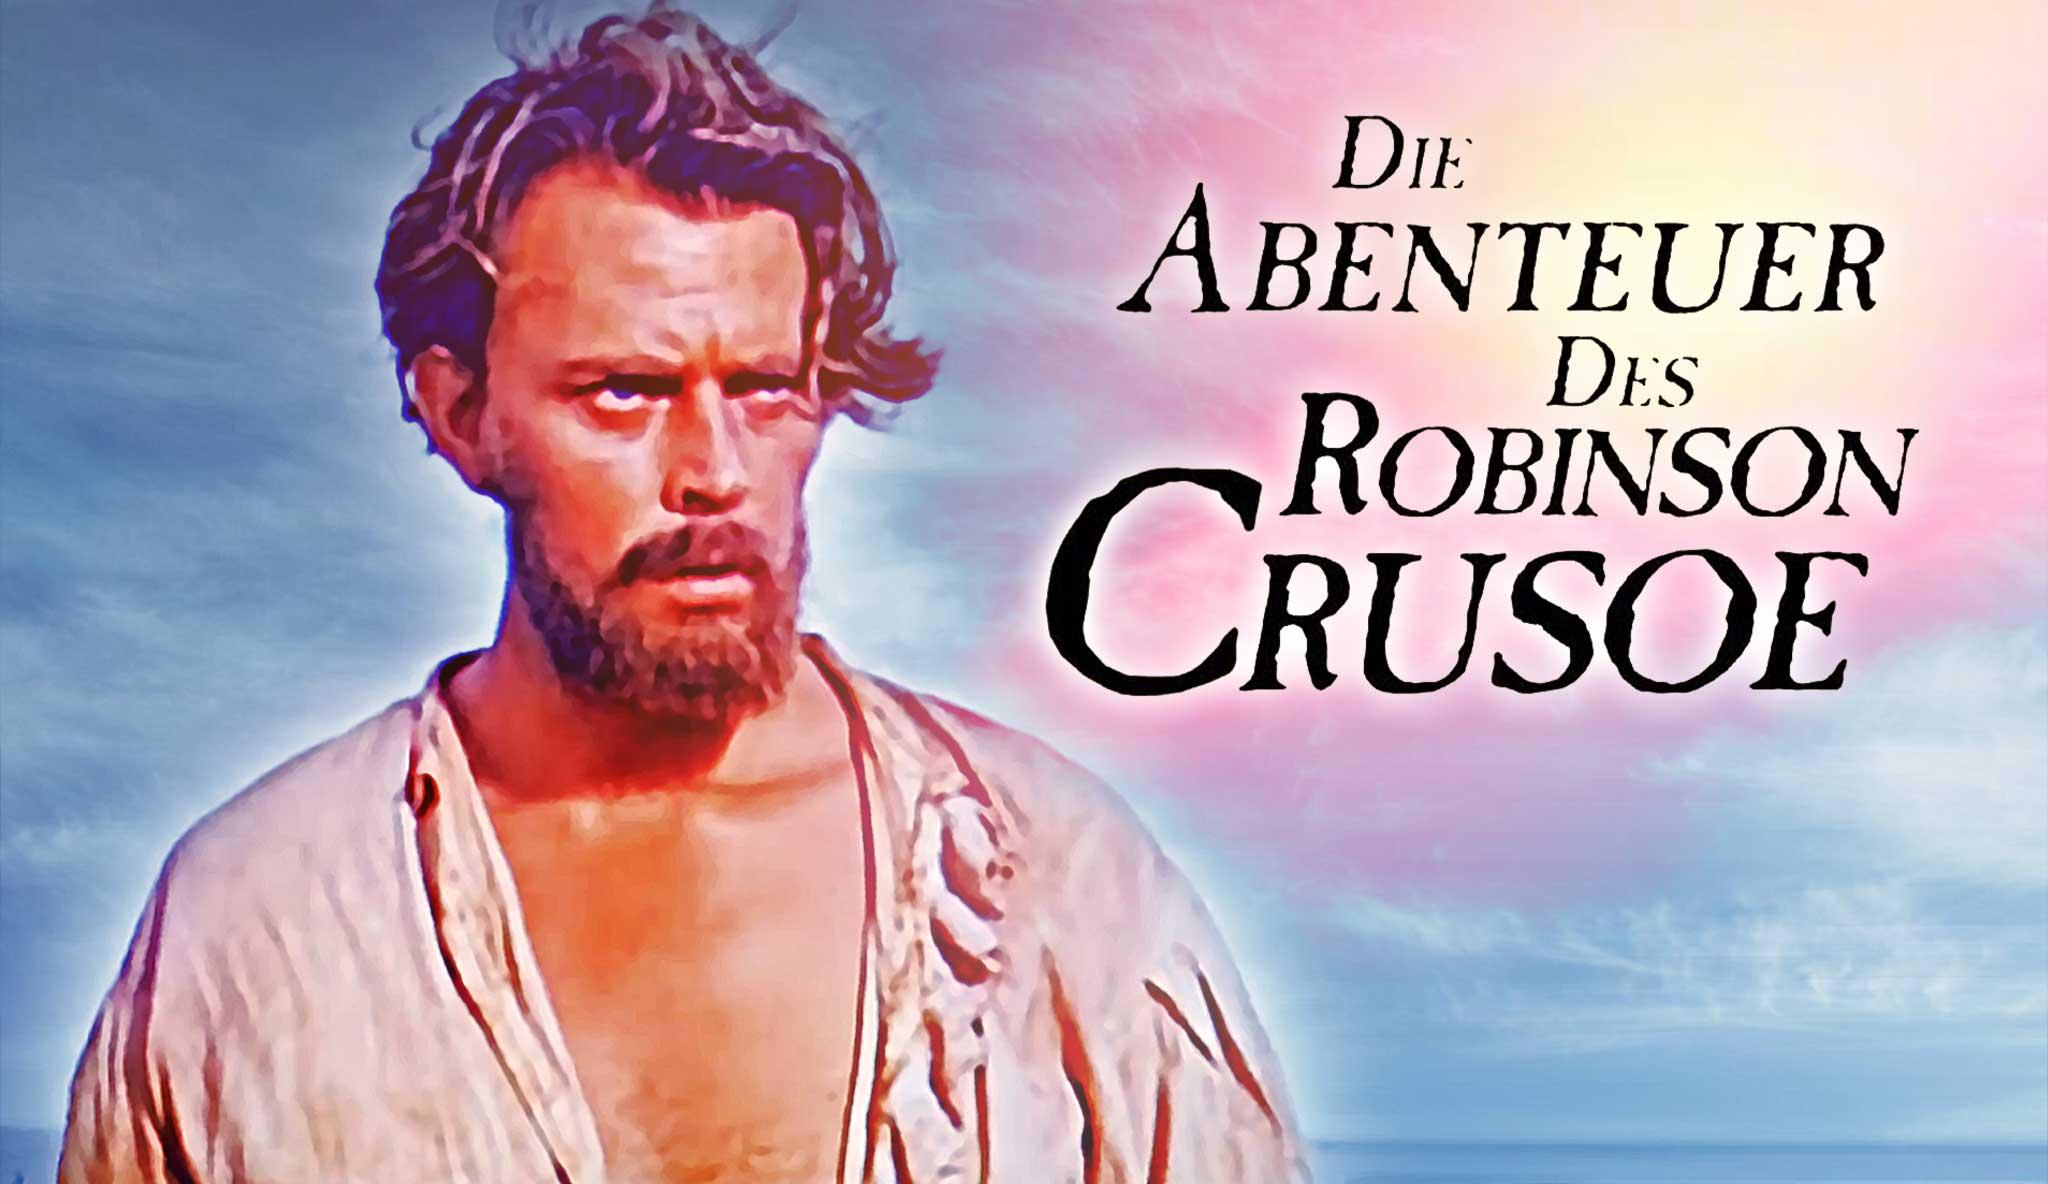 die-abenteuer-des-robinson-crusoe\header.jpg